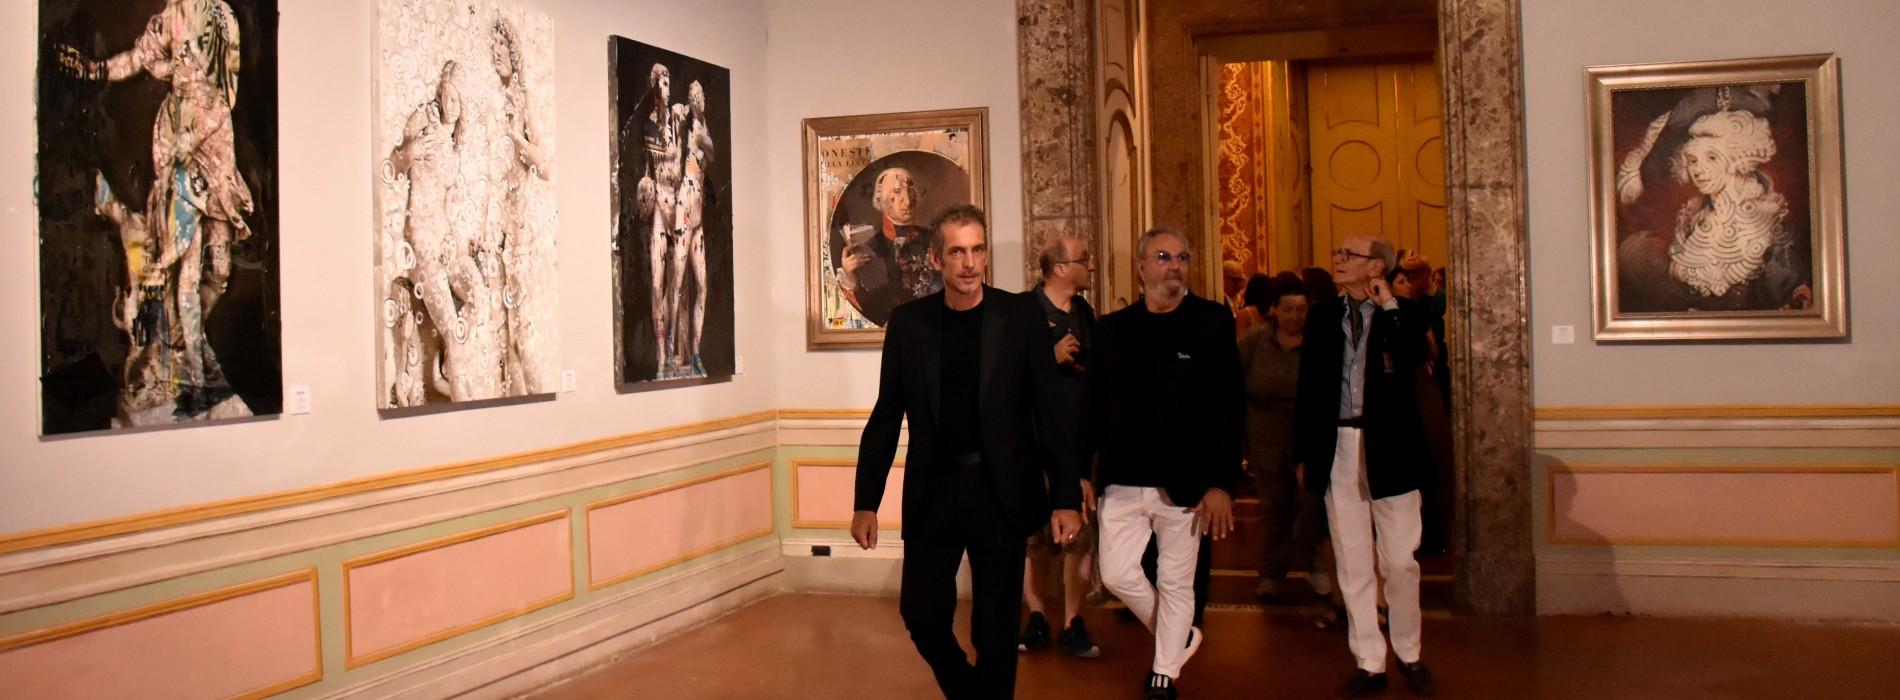 Vernissage alla Reggia, Rocco Barocco testimonial per Chisesi